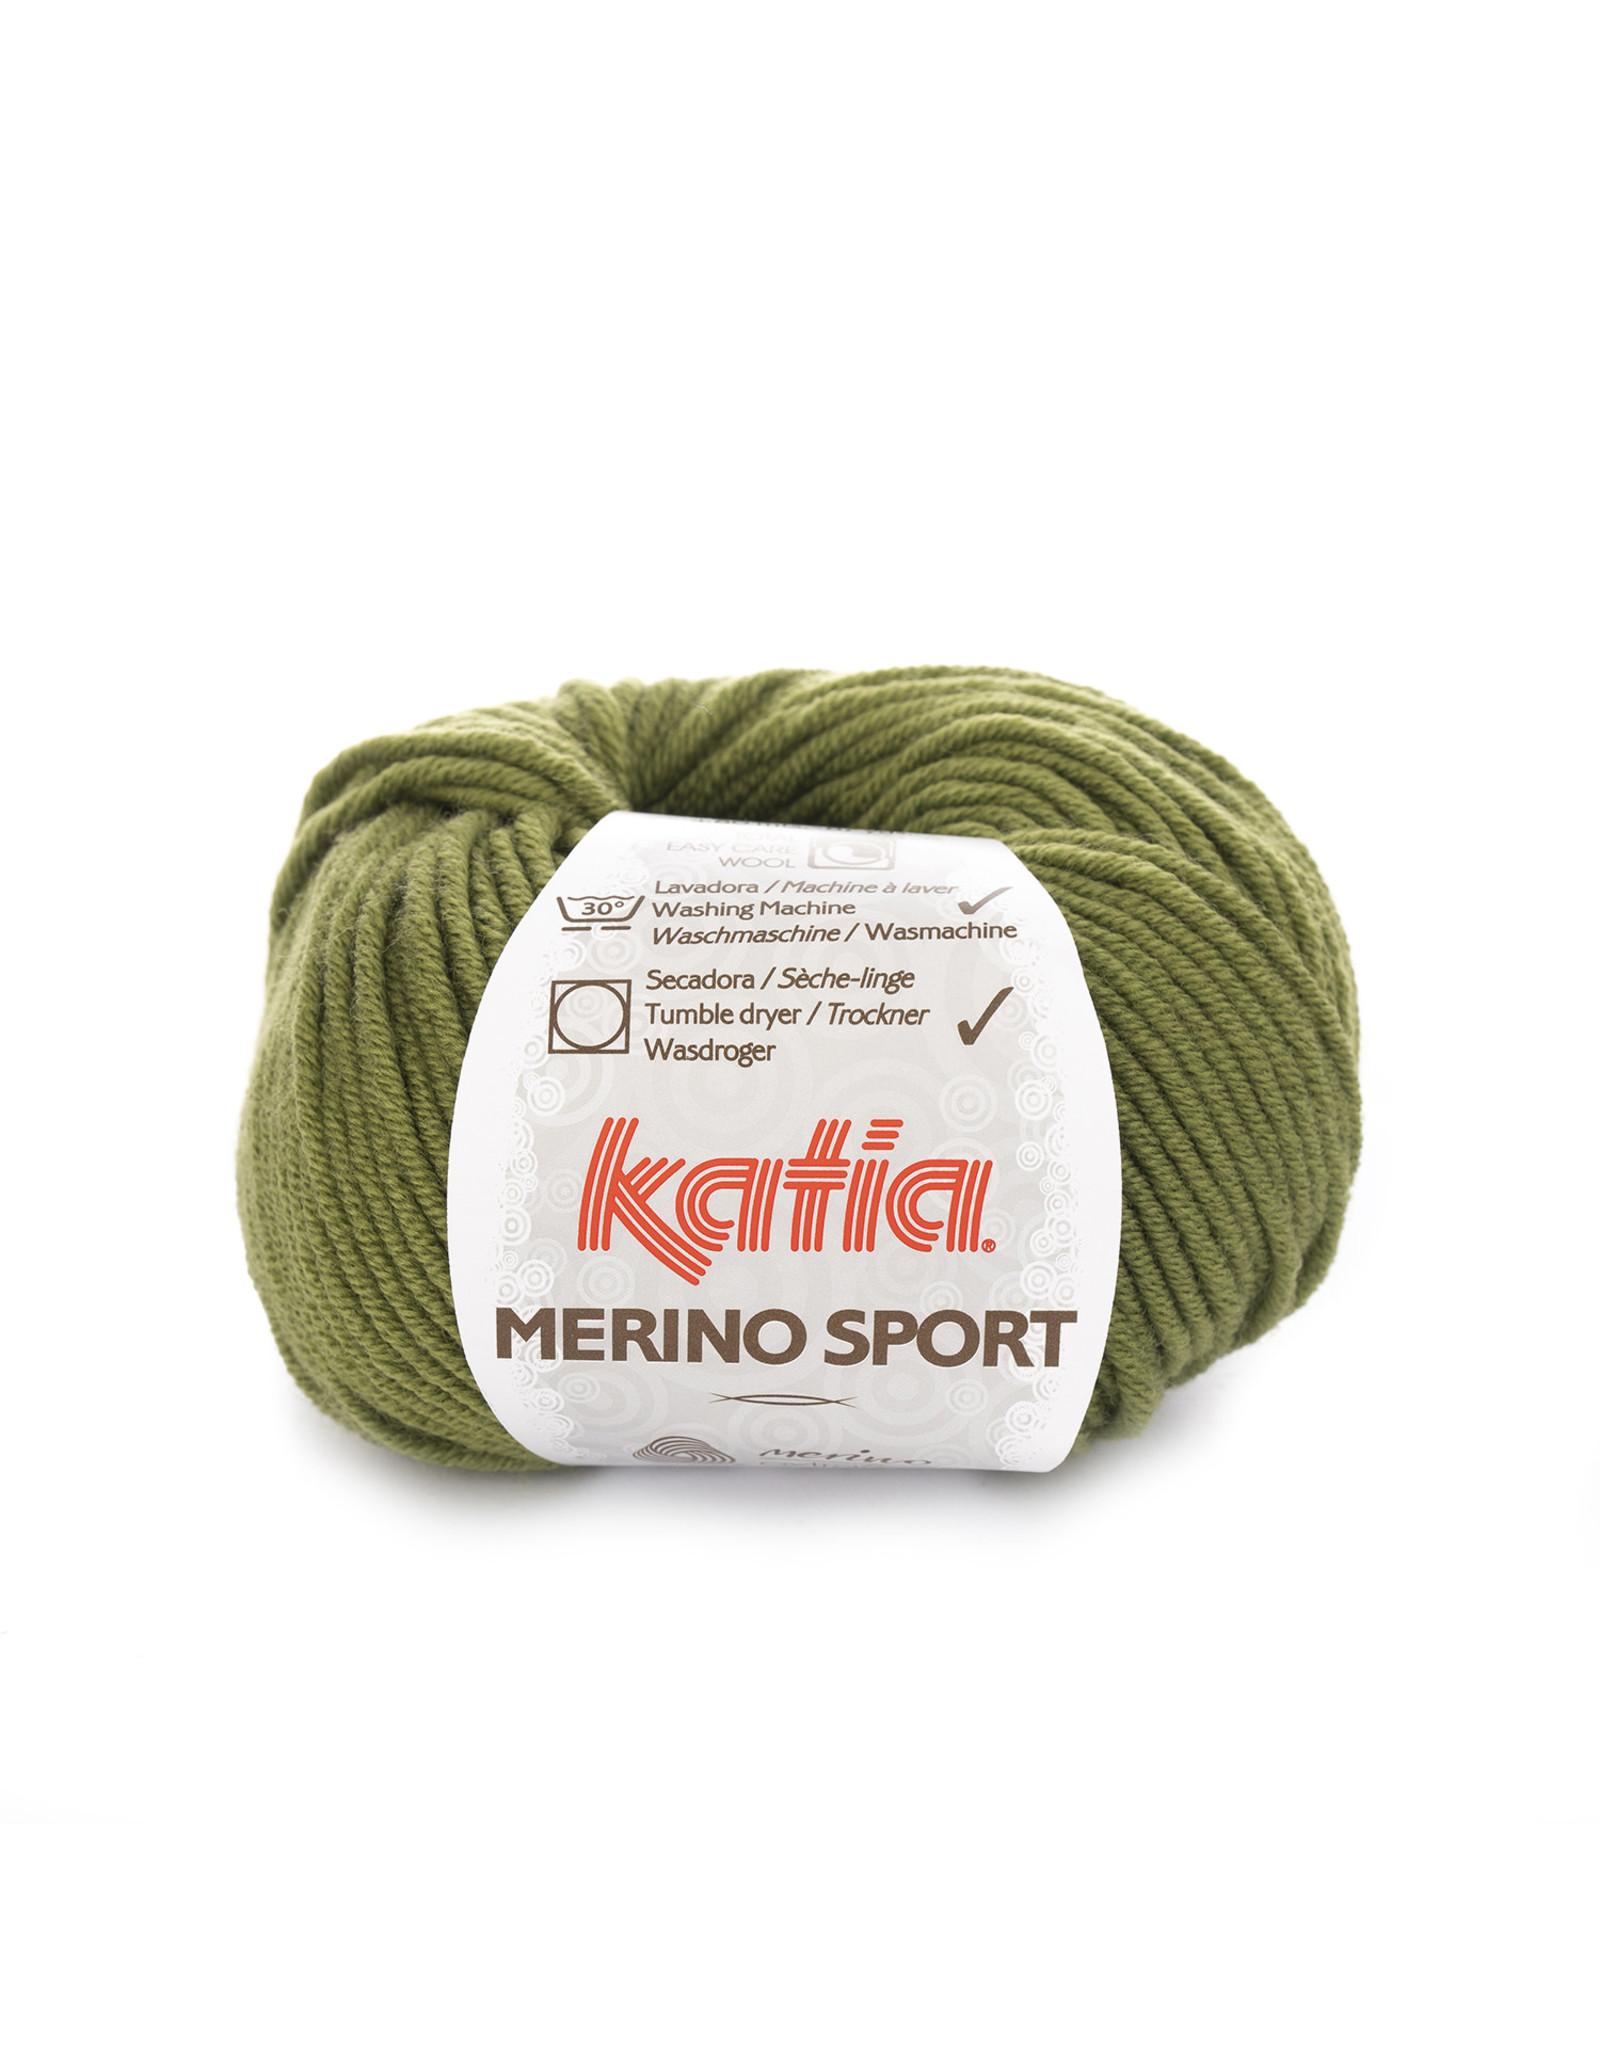 Katia Katia - Merino Sport - 16 Licht groen - bundel 5 x 50 gr.